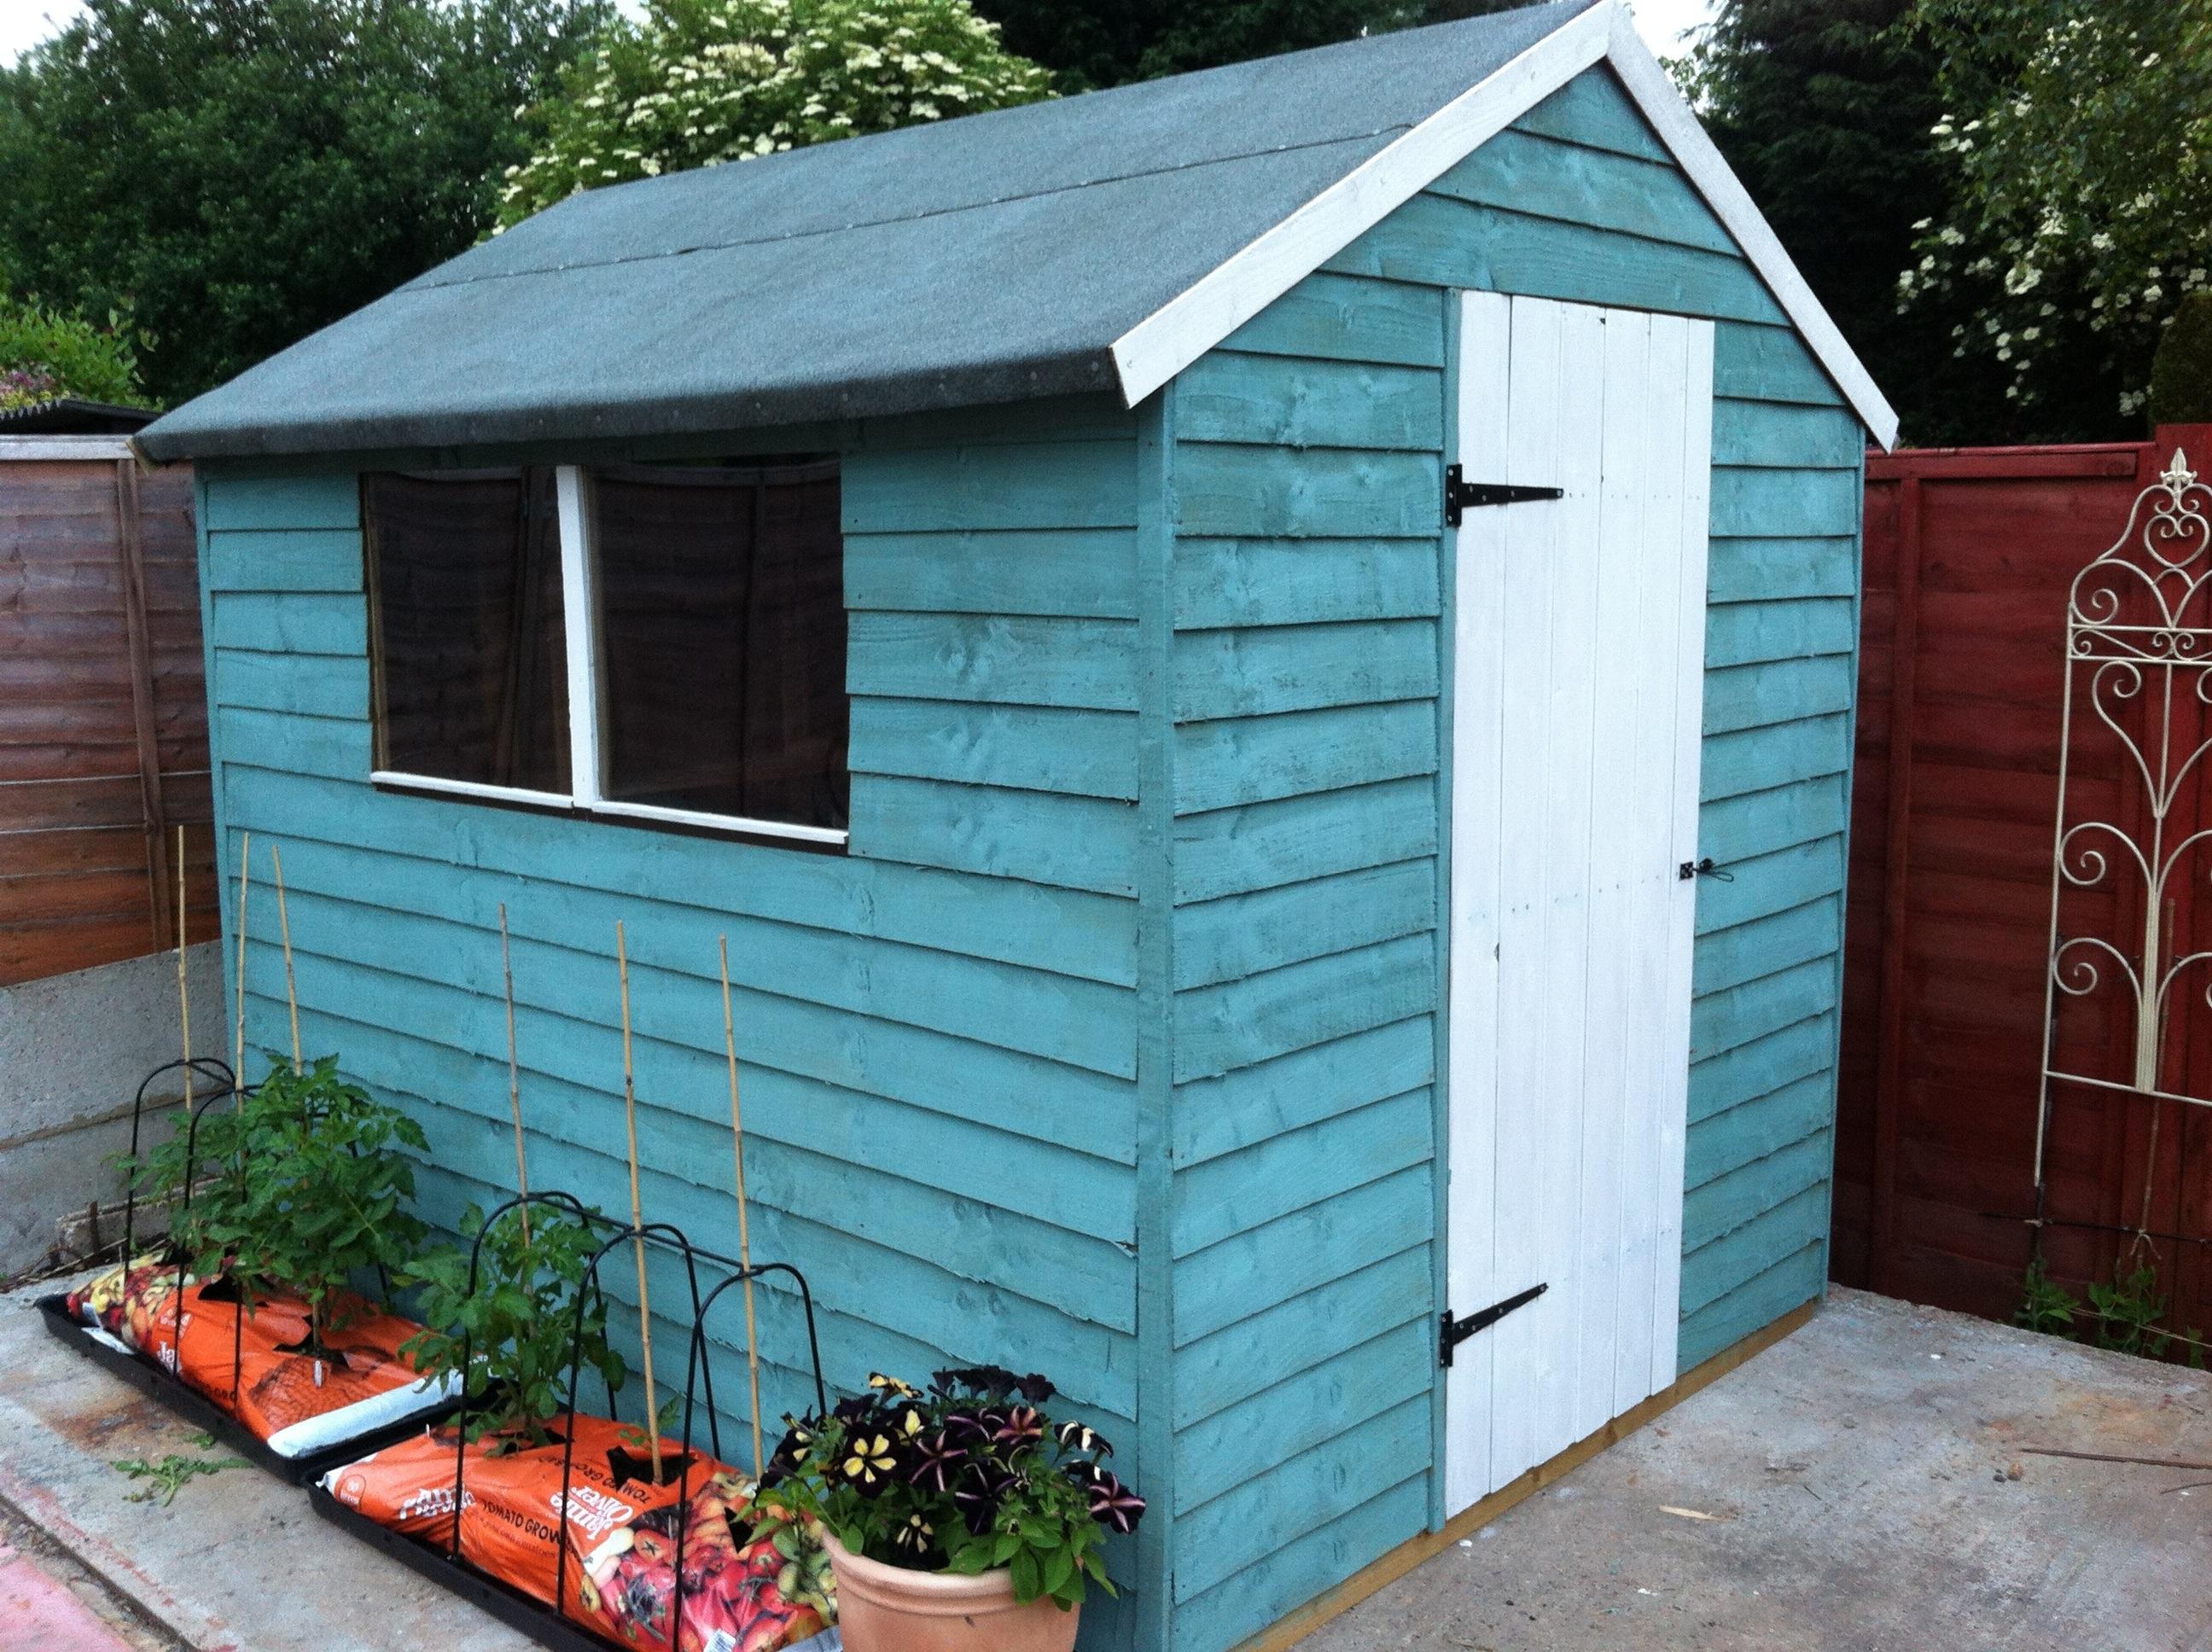 1000 images about shed on pinterest painted shed sheds. Black Bedroom Furniture Sets. Home Design Ideas